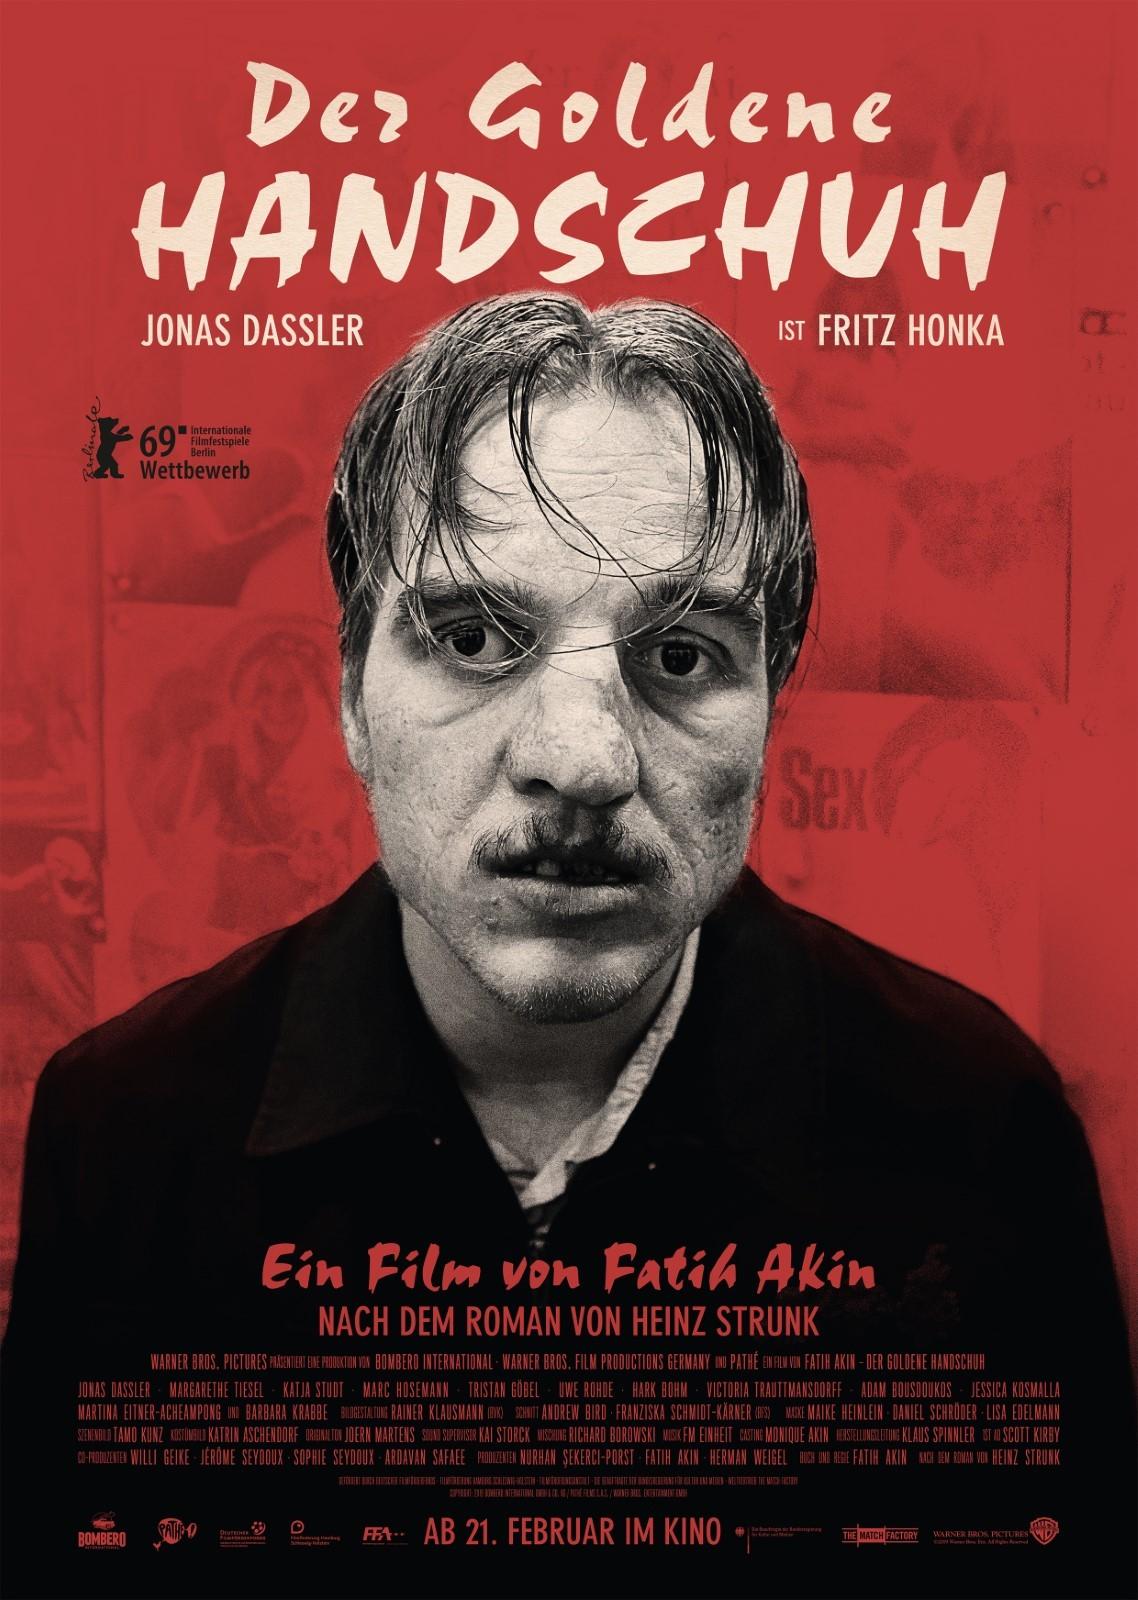 Der goldene Handschuh   Film 20   FILMSTARTS.de